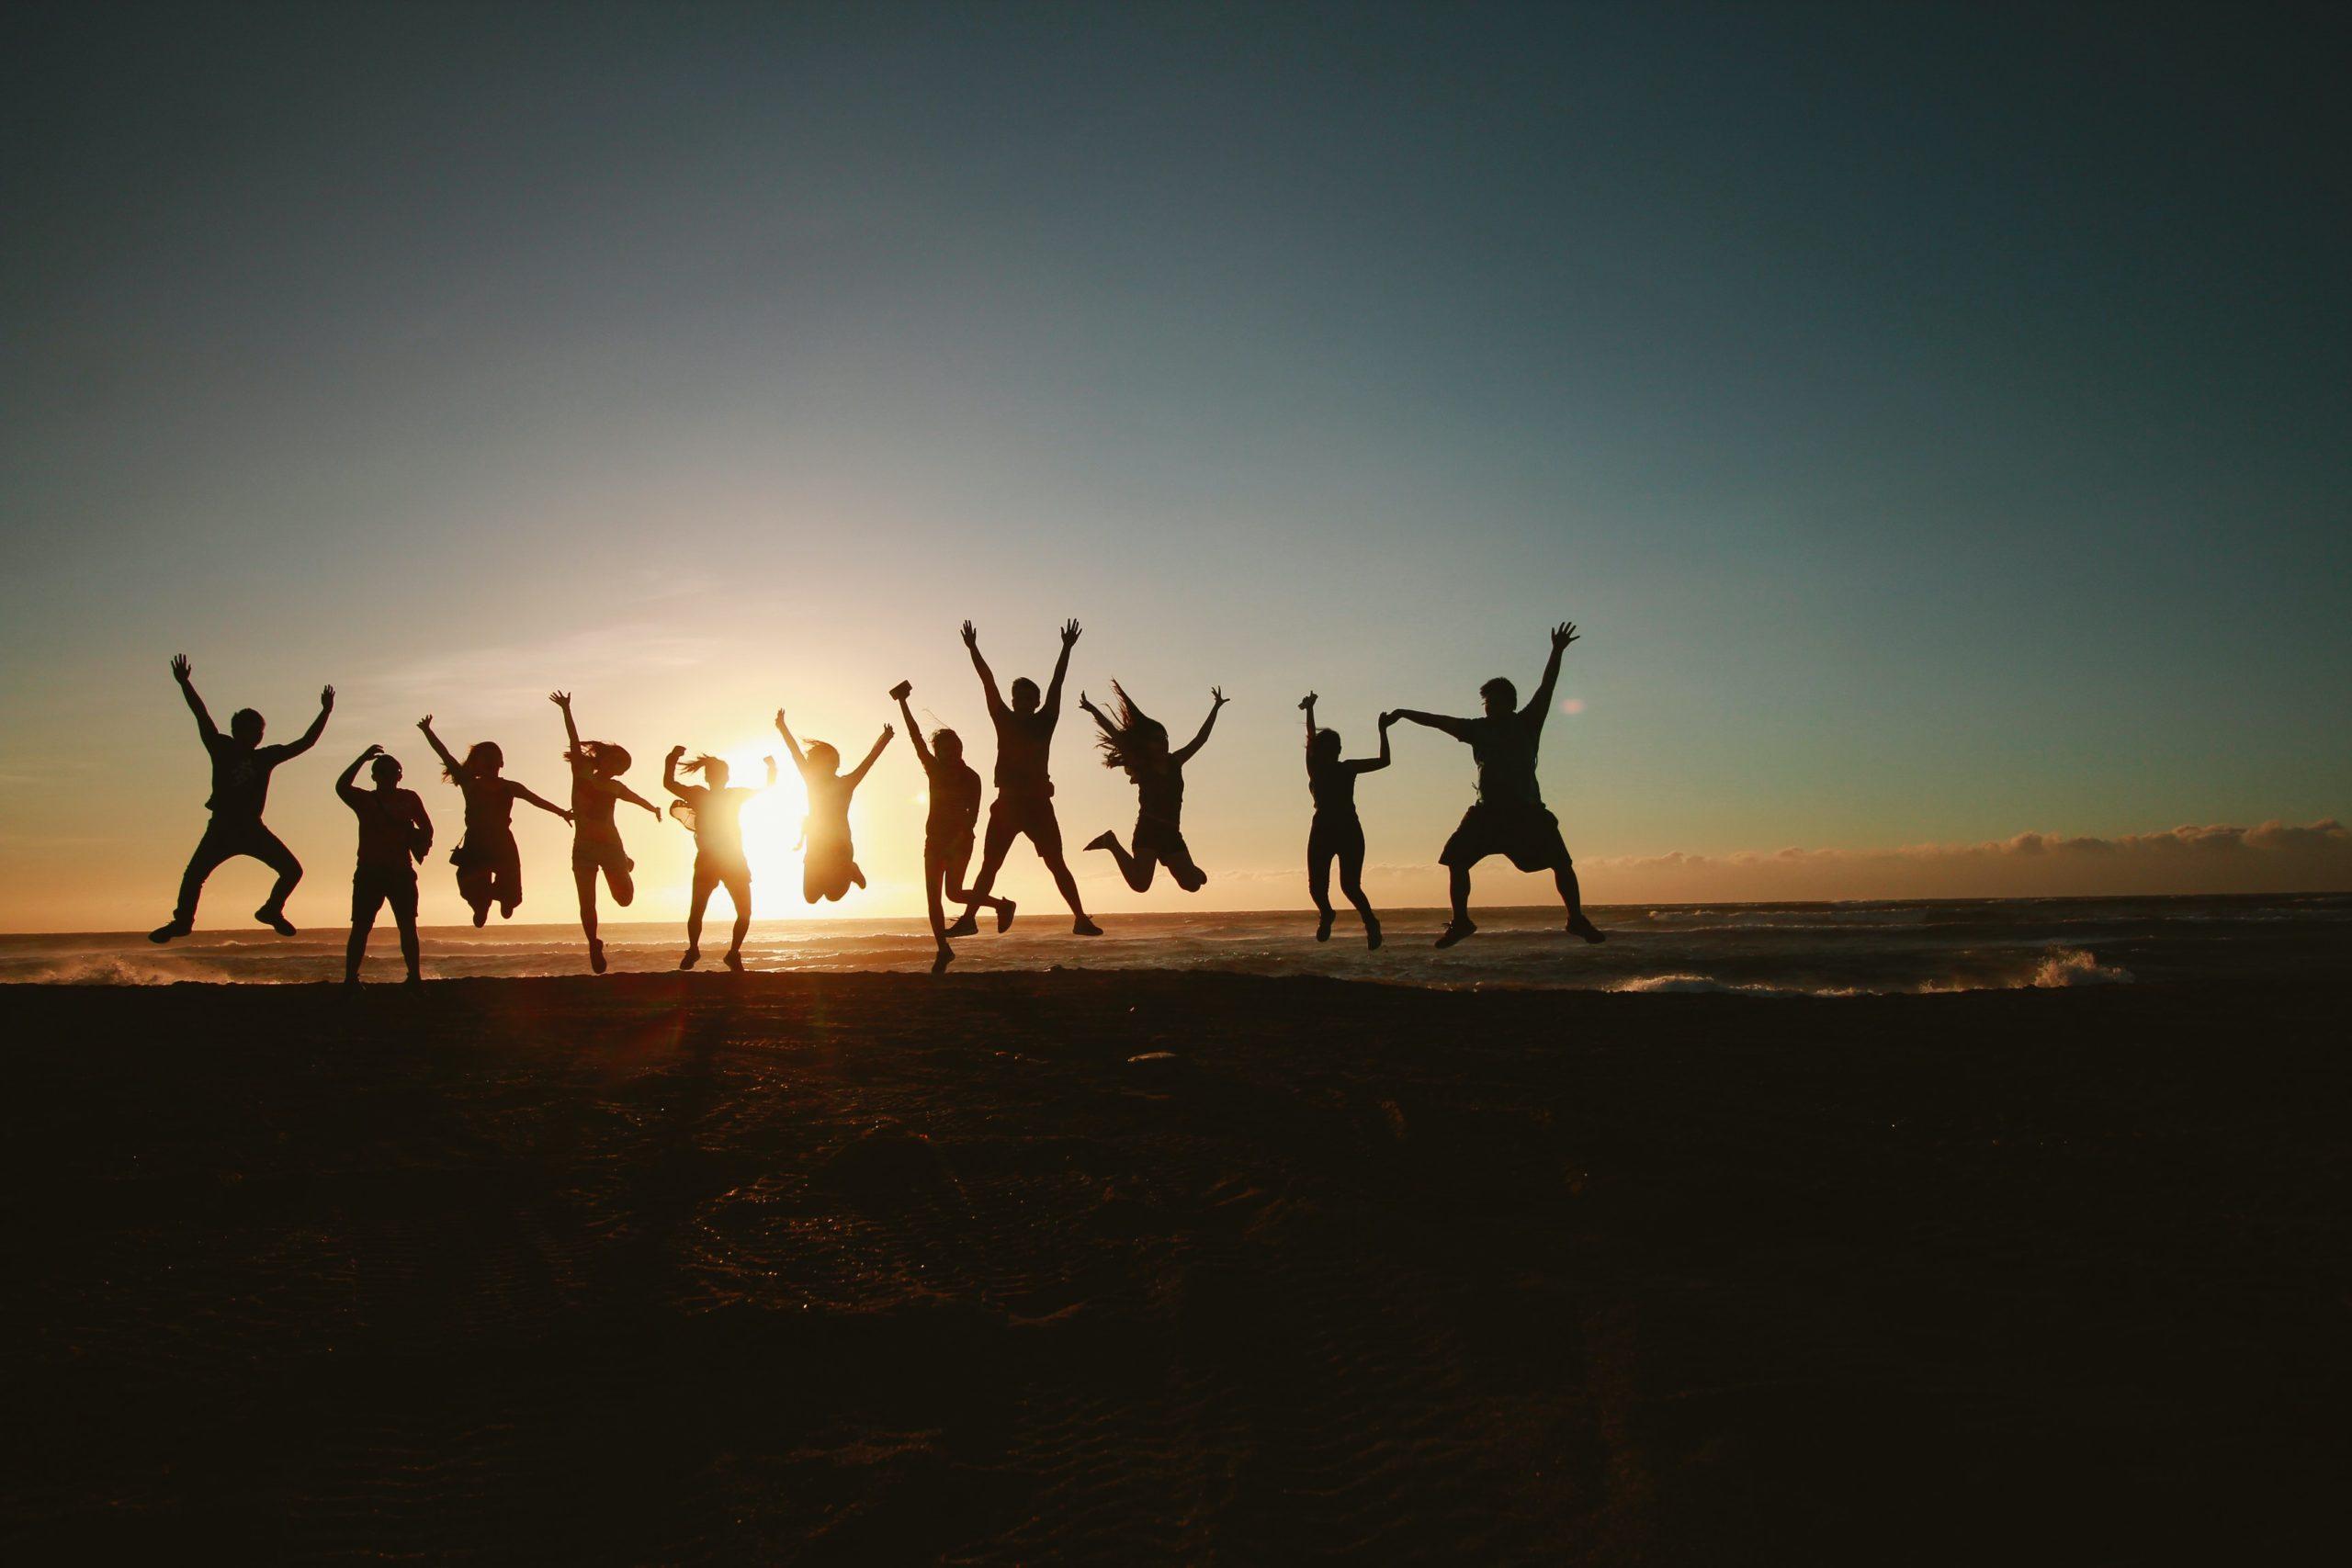 En grupp människor som hoppar framför en sol.